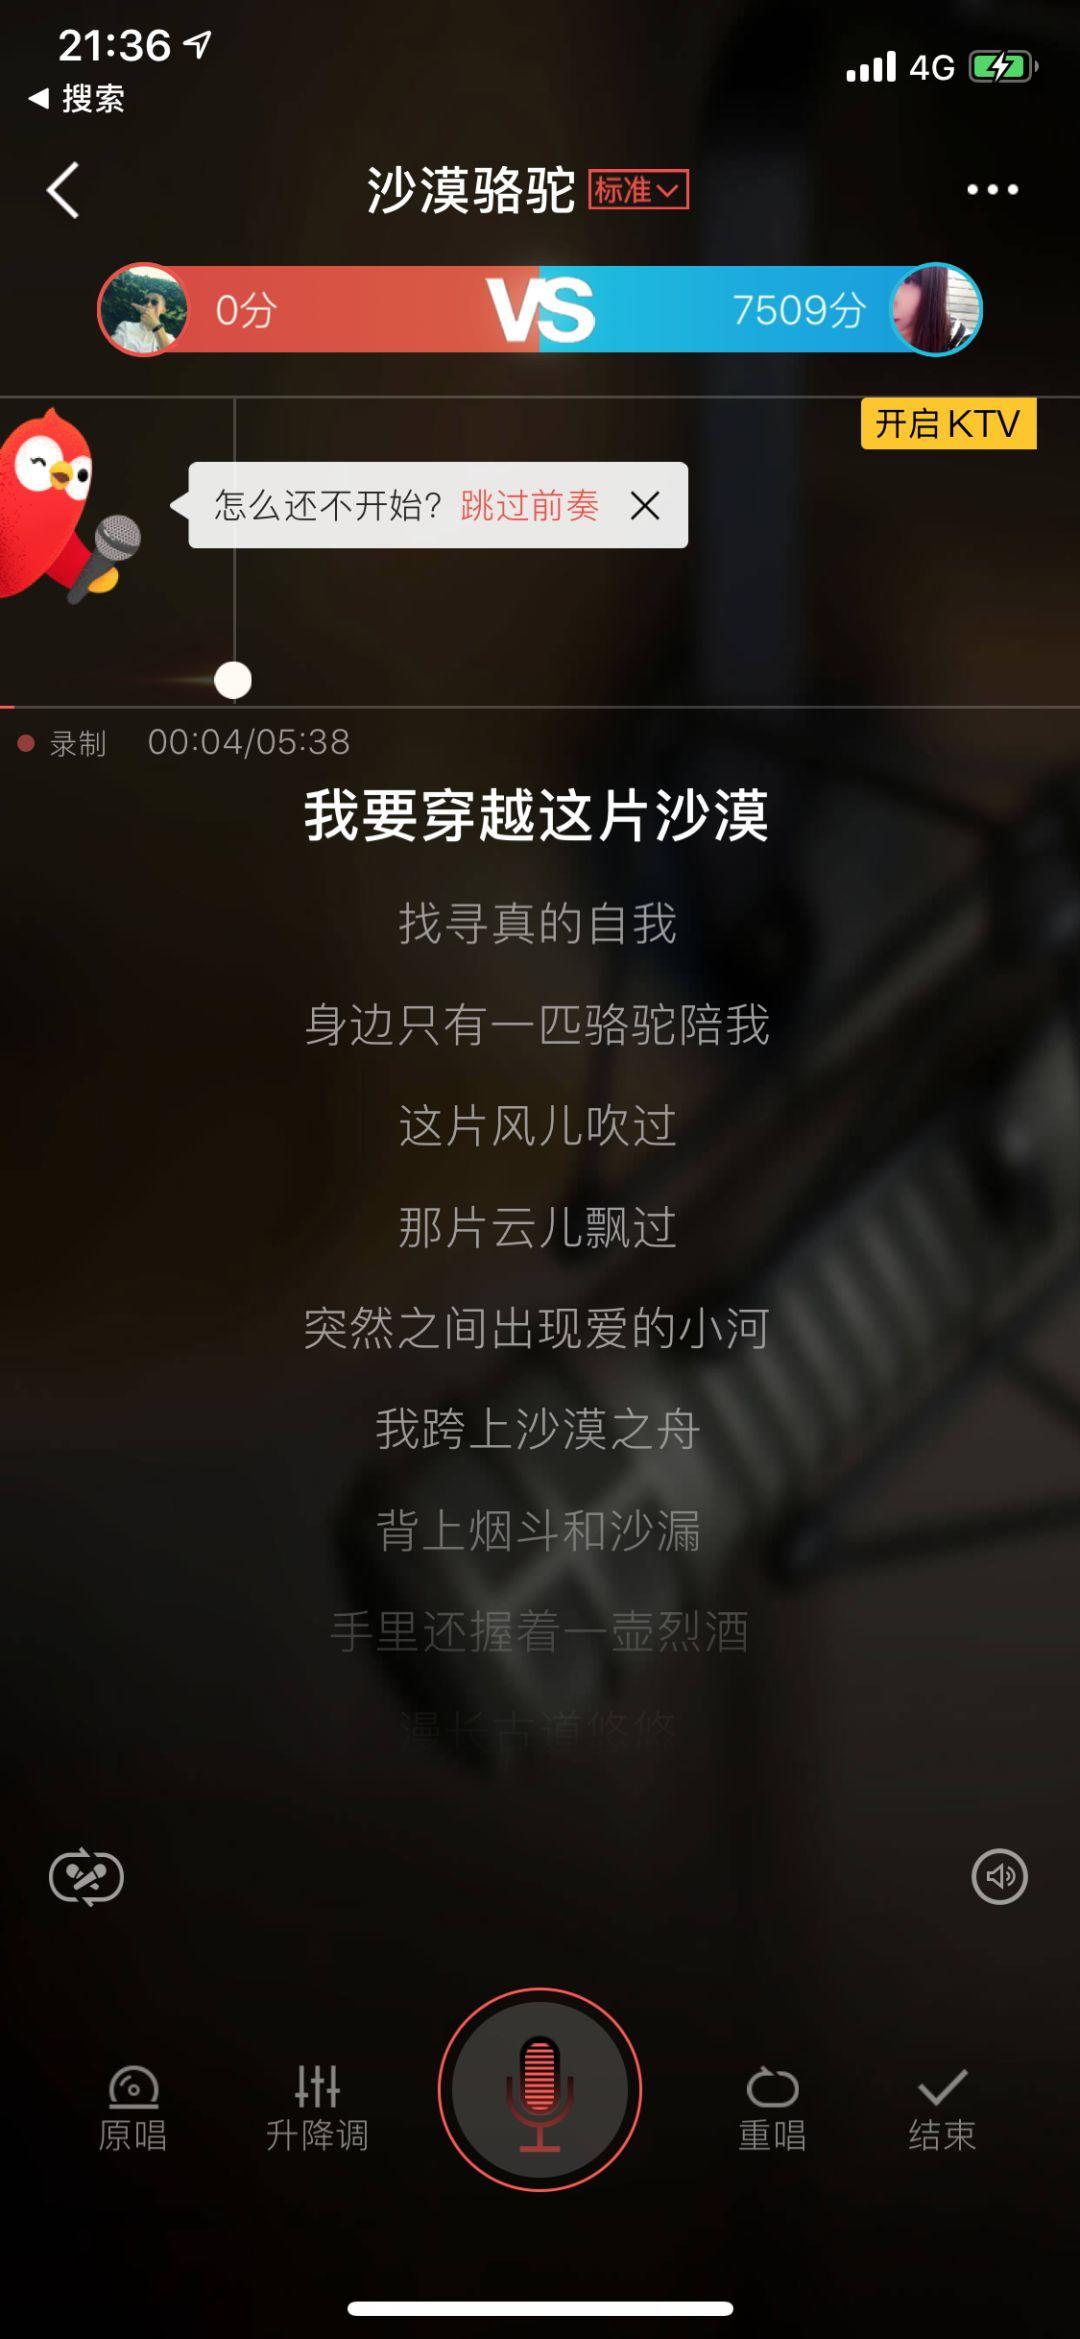 全民K歌怎样评论_搜狗指南